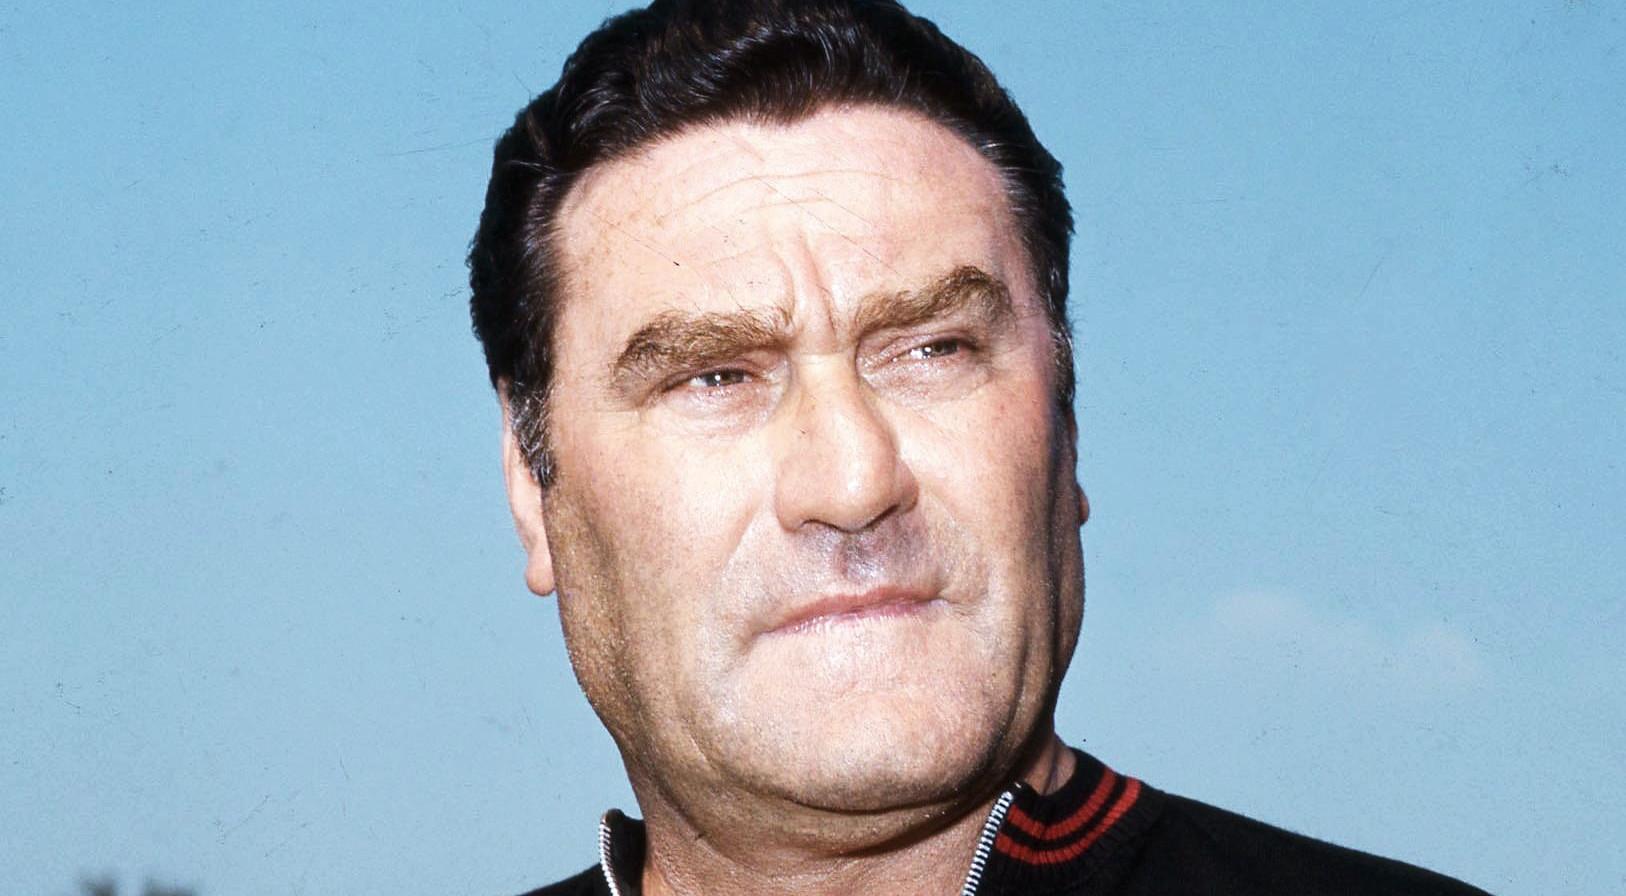 Nereo Rocco the mad king of catenaccio